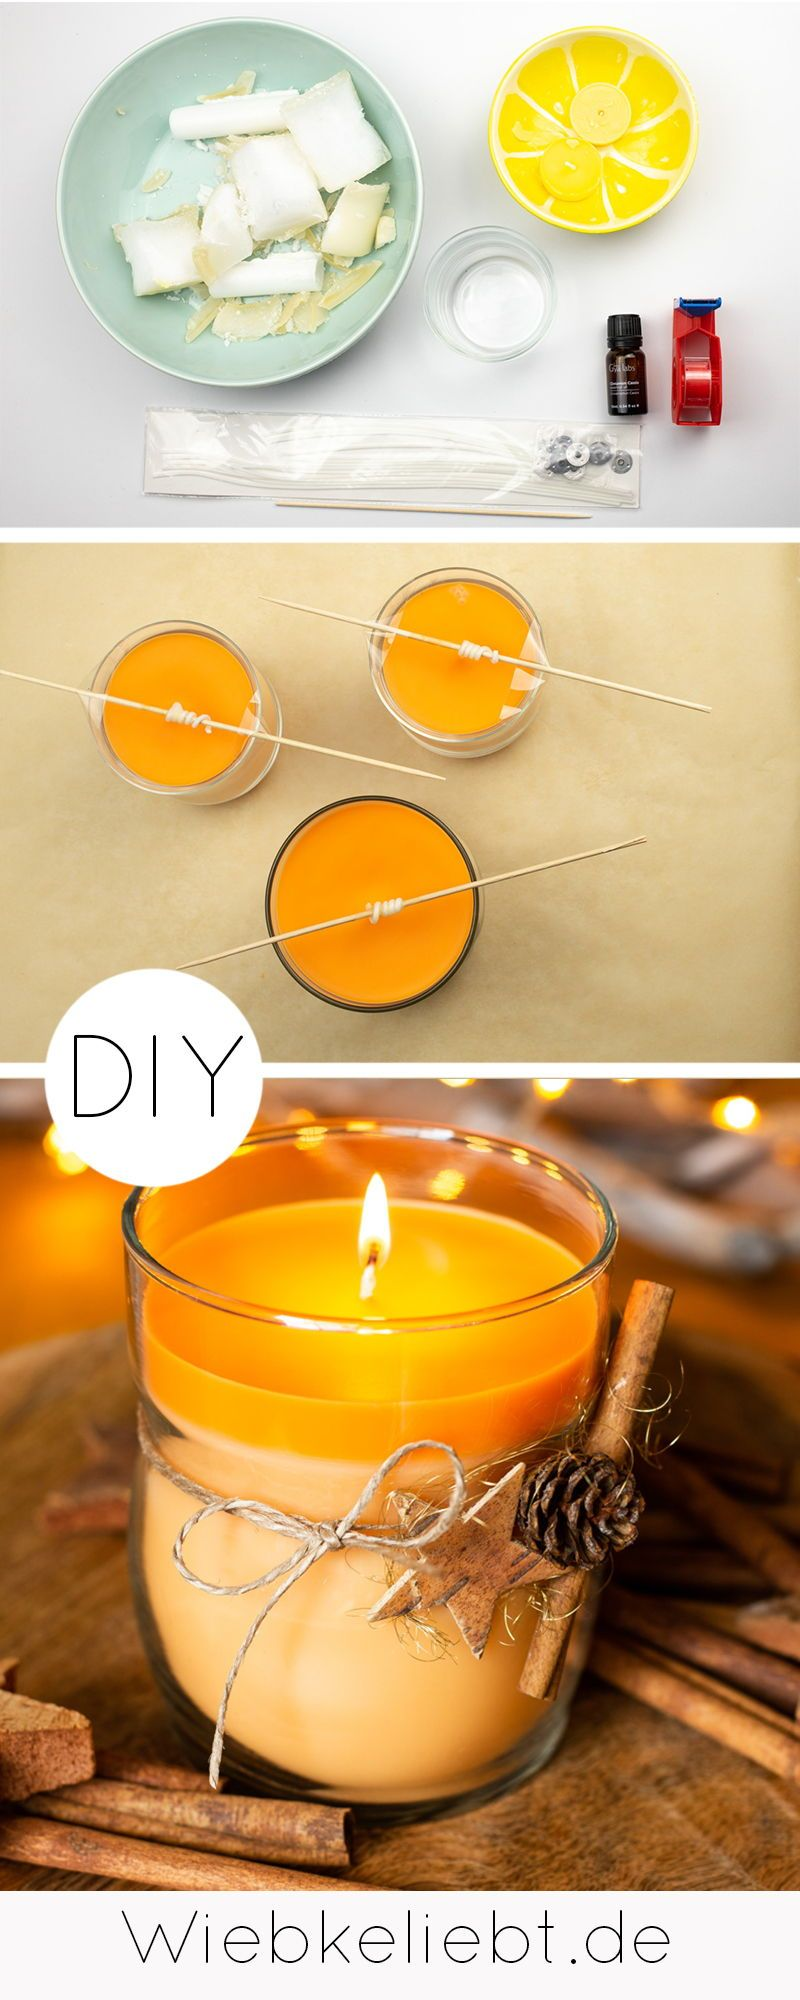 DIY Duftkerzen im Glas selber machen - Geschenkidee zu Weihnachten | DIY Blog | Do-it-yourself Anleitungen zum Selbermachen | Wiebkeliebt